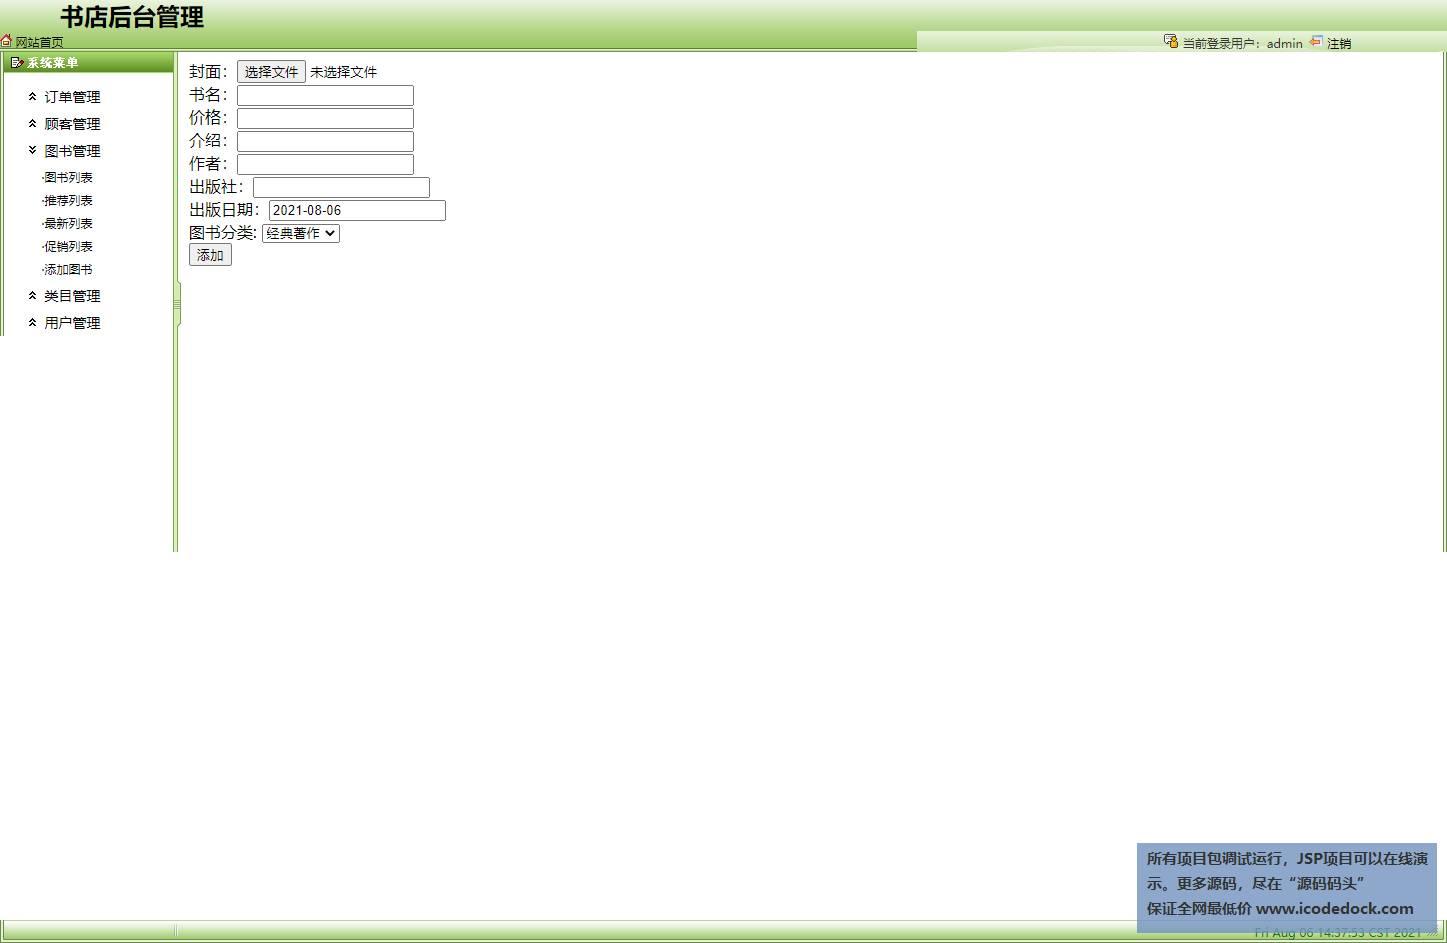 源码码头-SSH实现一个图书销售商场项目网站-管理员角色-添加图书